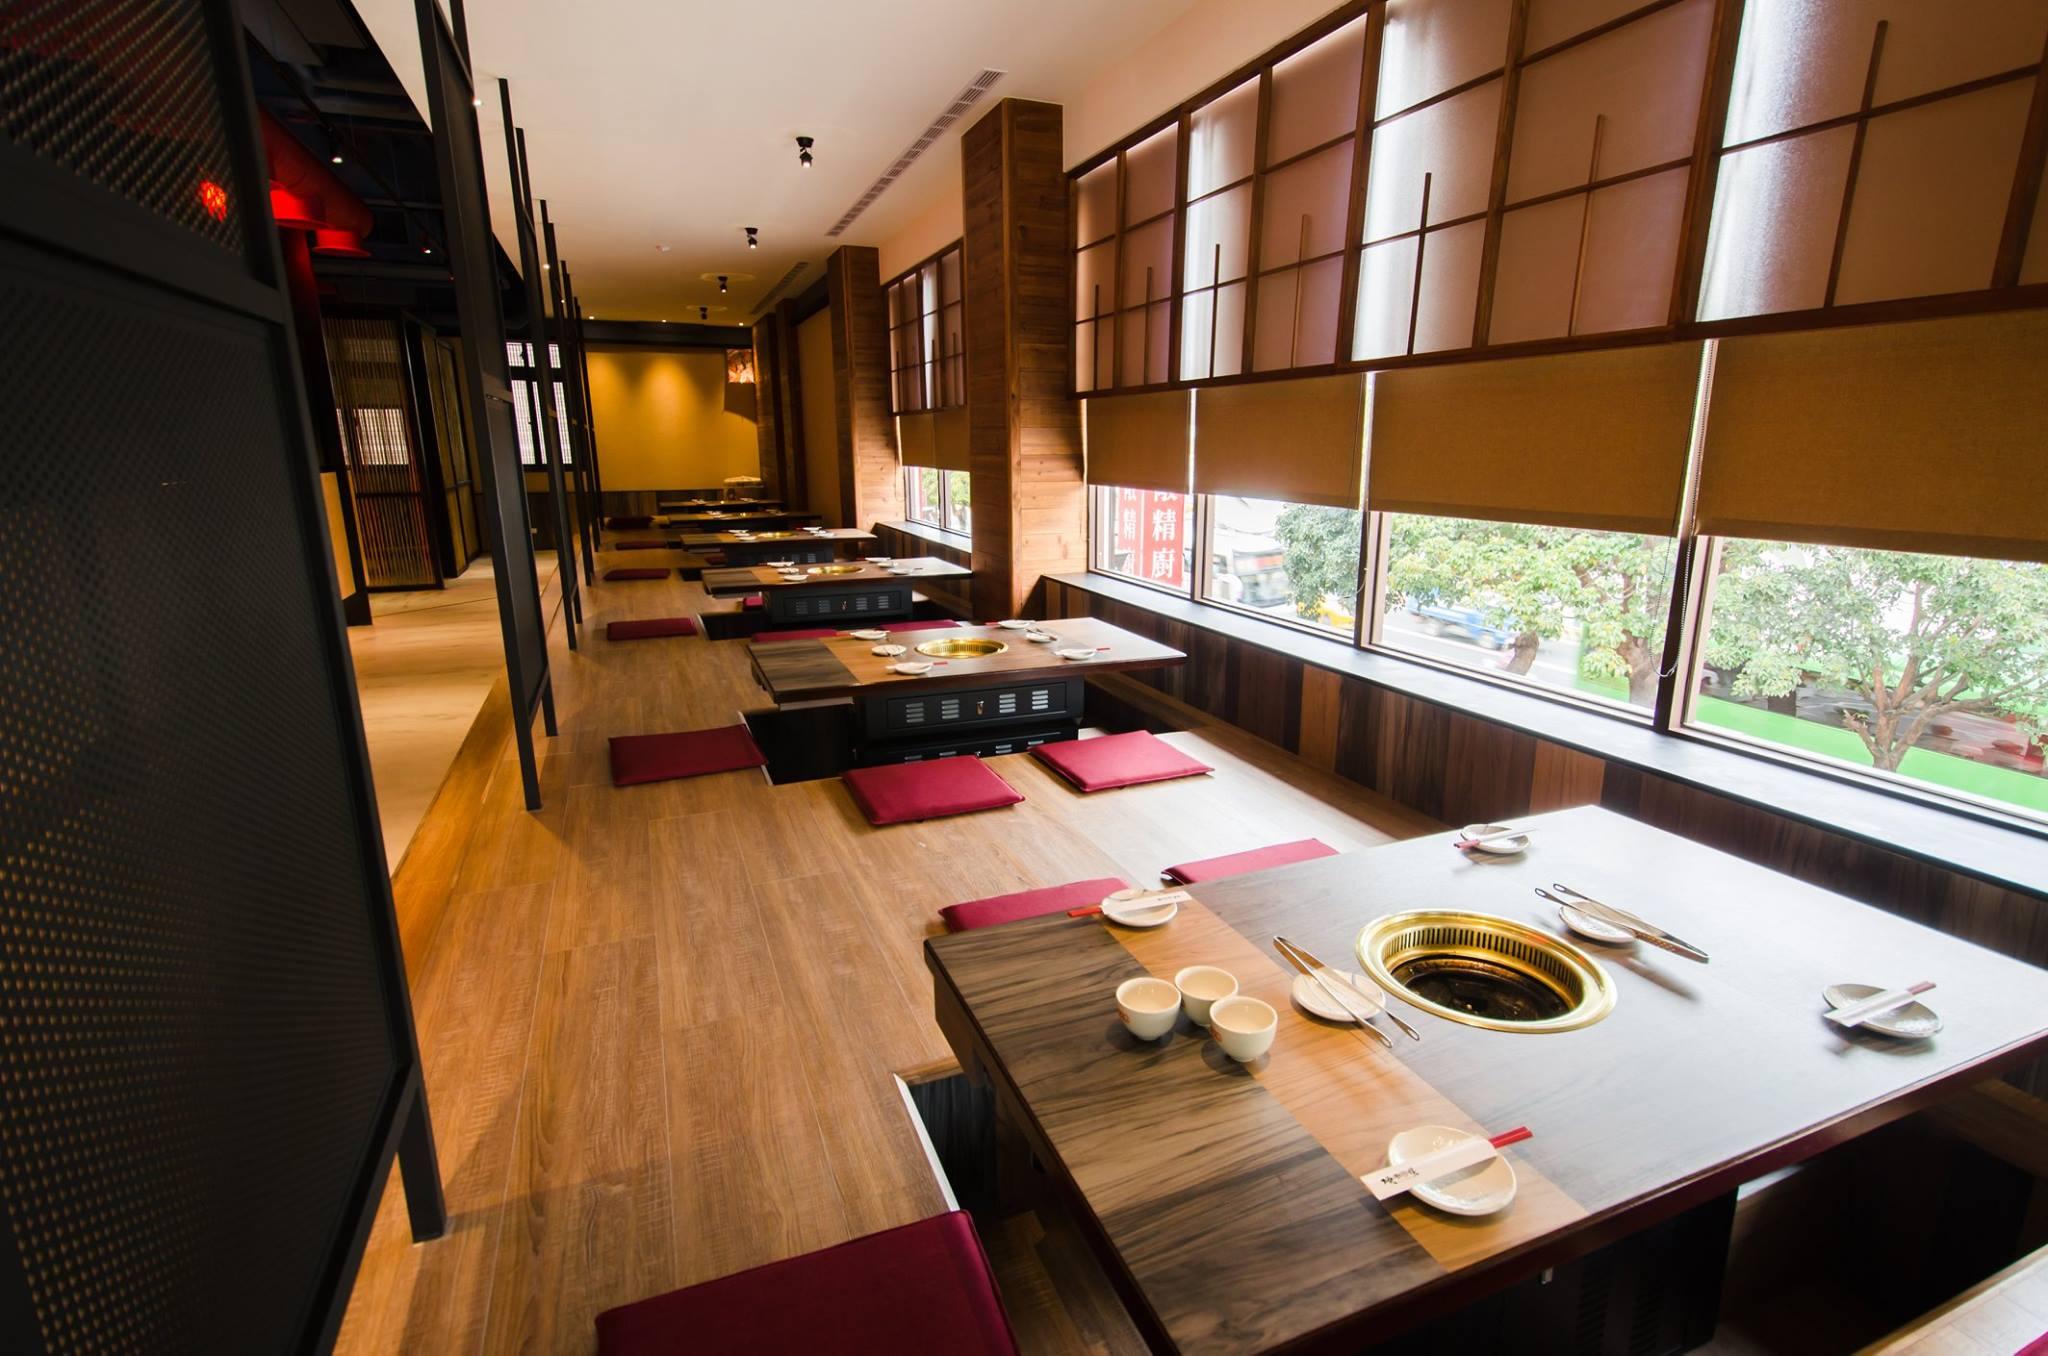 提供日式塌塌米座位,可以邊吃燒肉,邊賞窗外秋紅谷美景。(圖片來源/市太郎燒肉市場粉絲團)